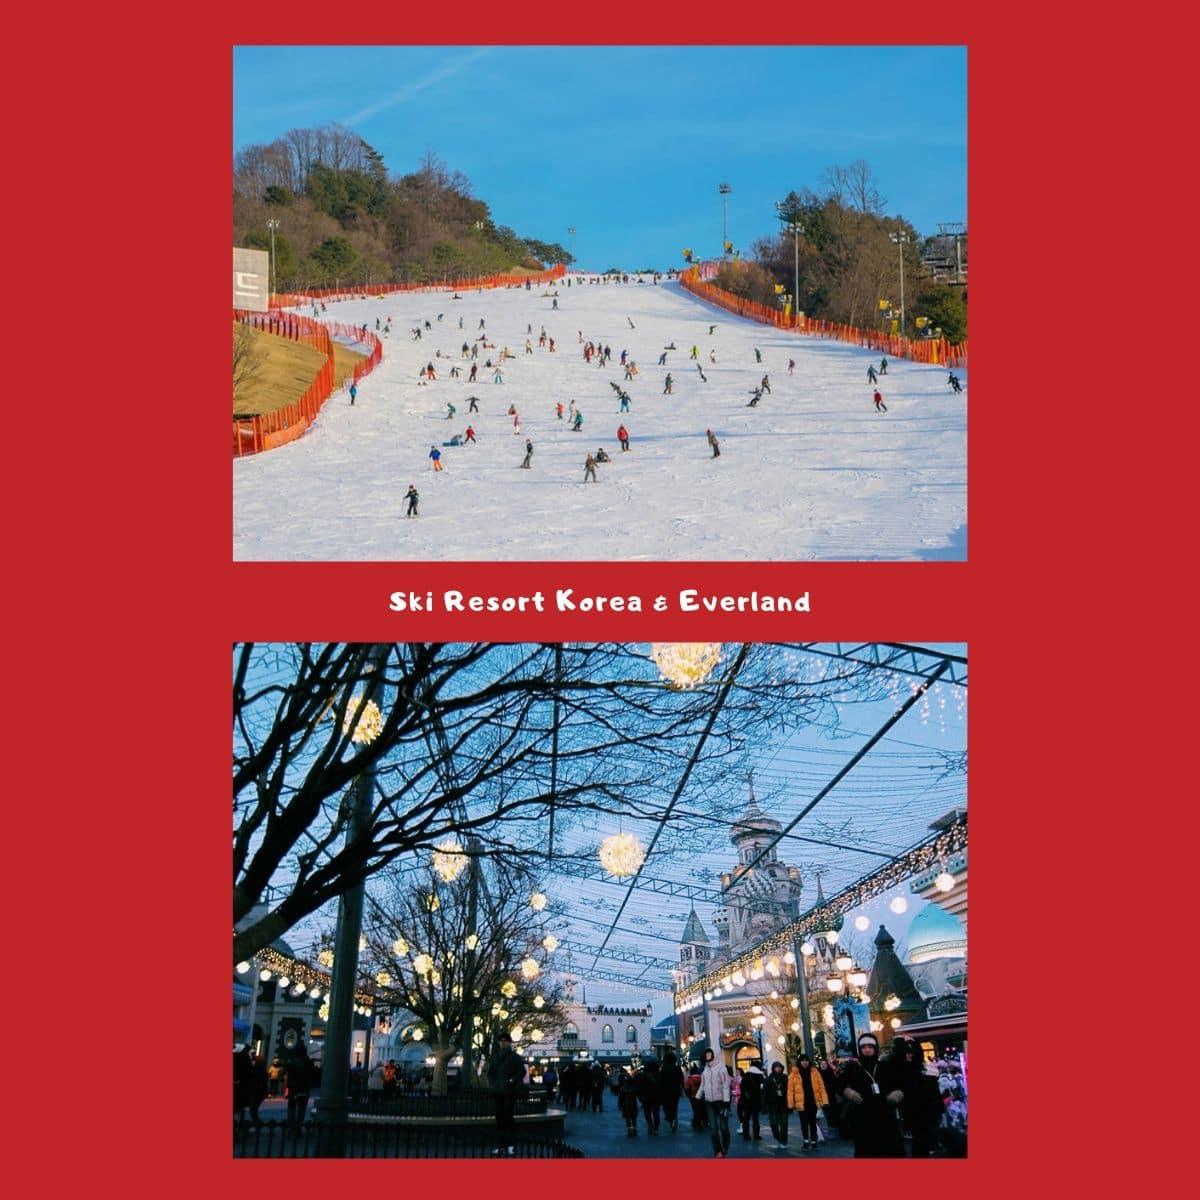 Indahnya Liburan Musim Dingin Korea - Main Ski & Everland - Sumber Flickr